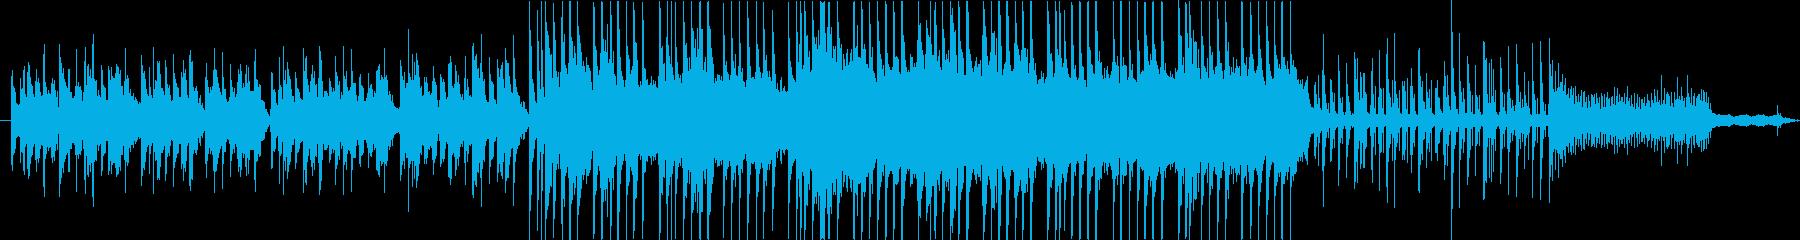 Puntroの再生済みの波形